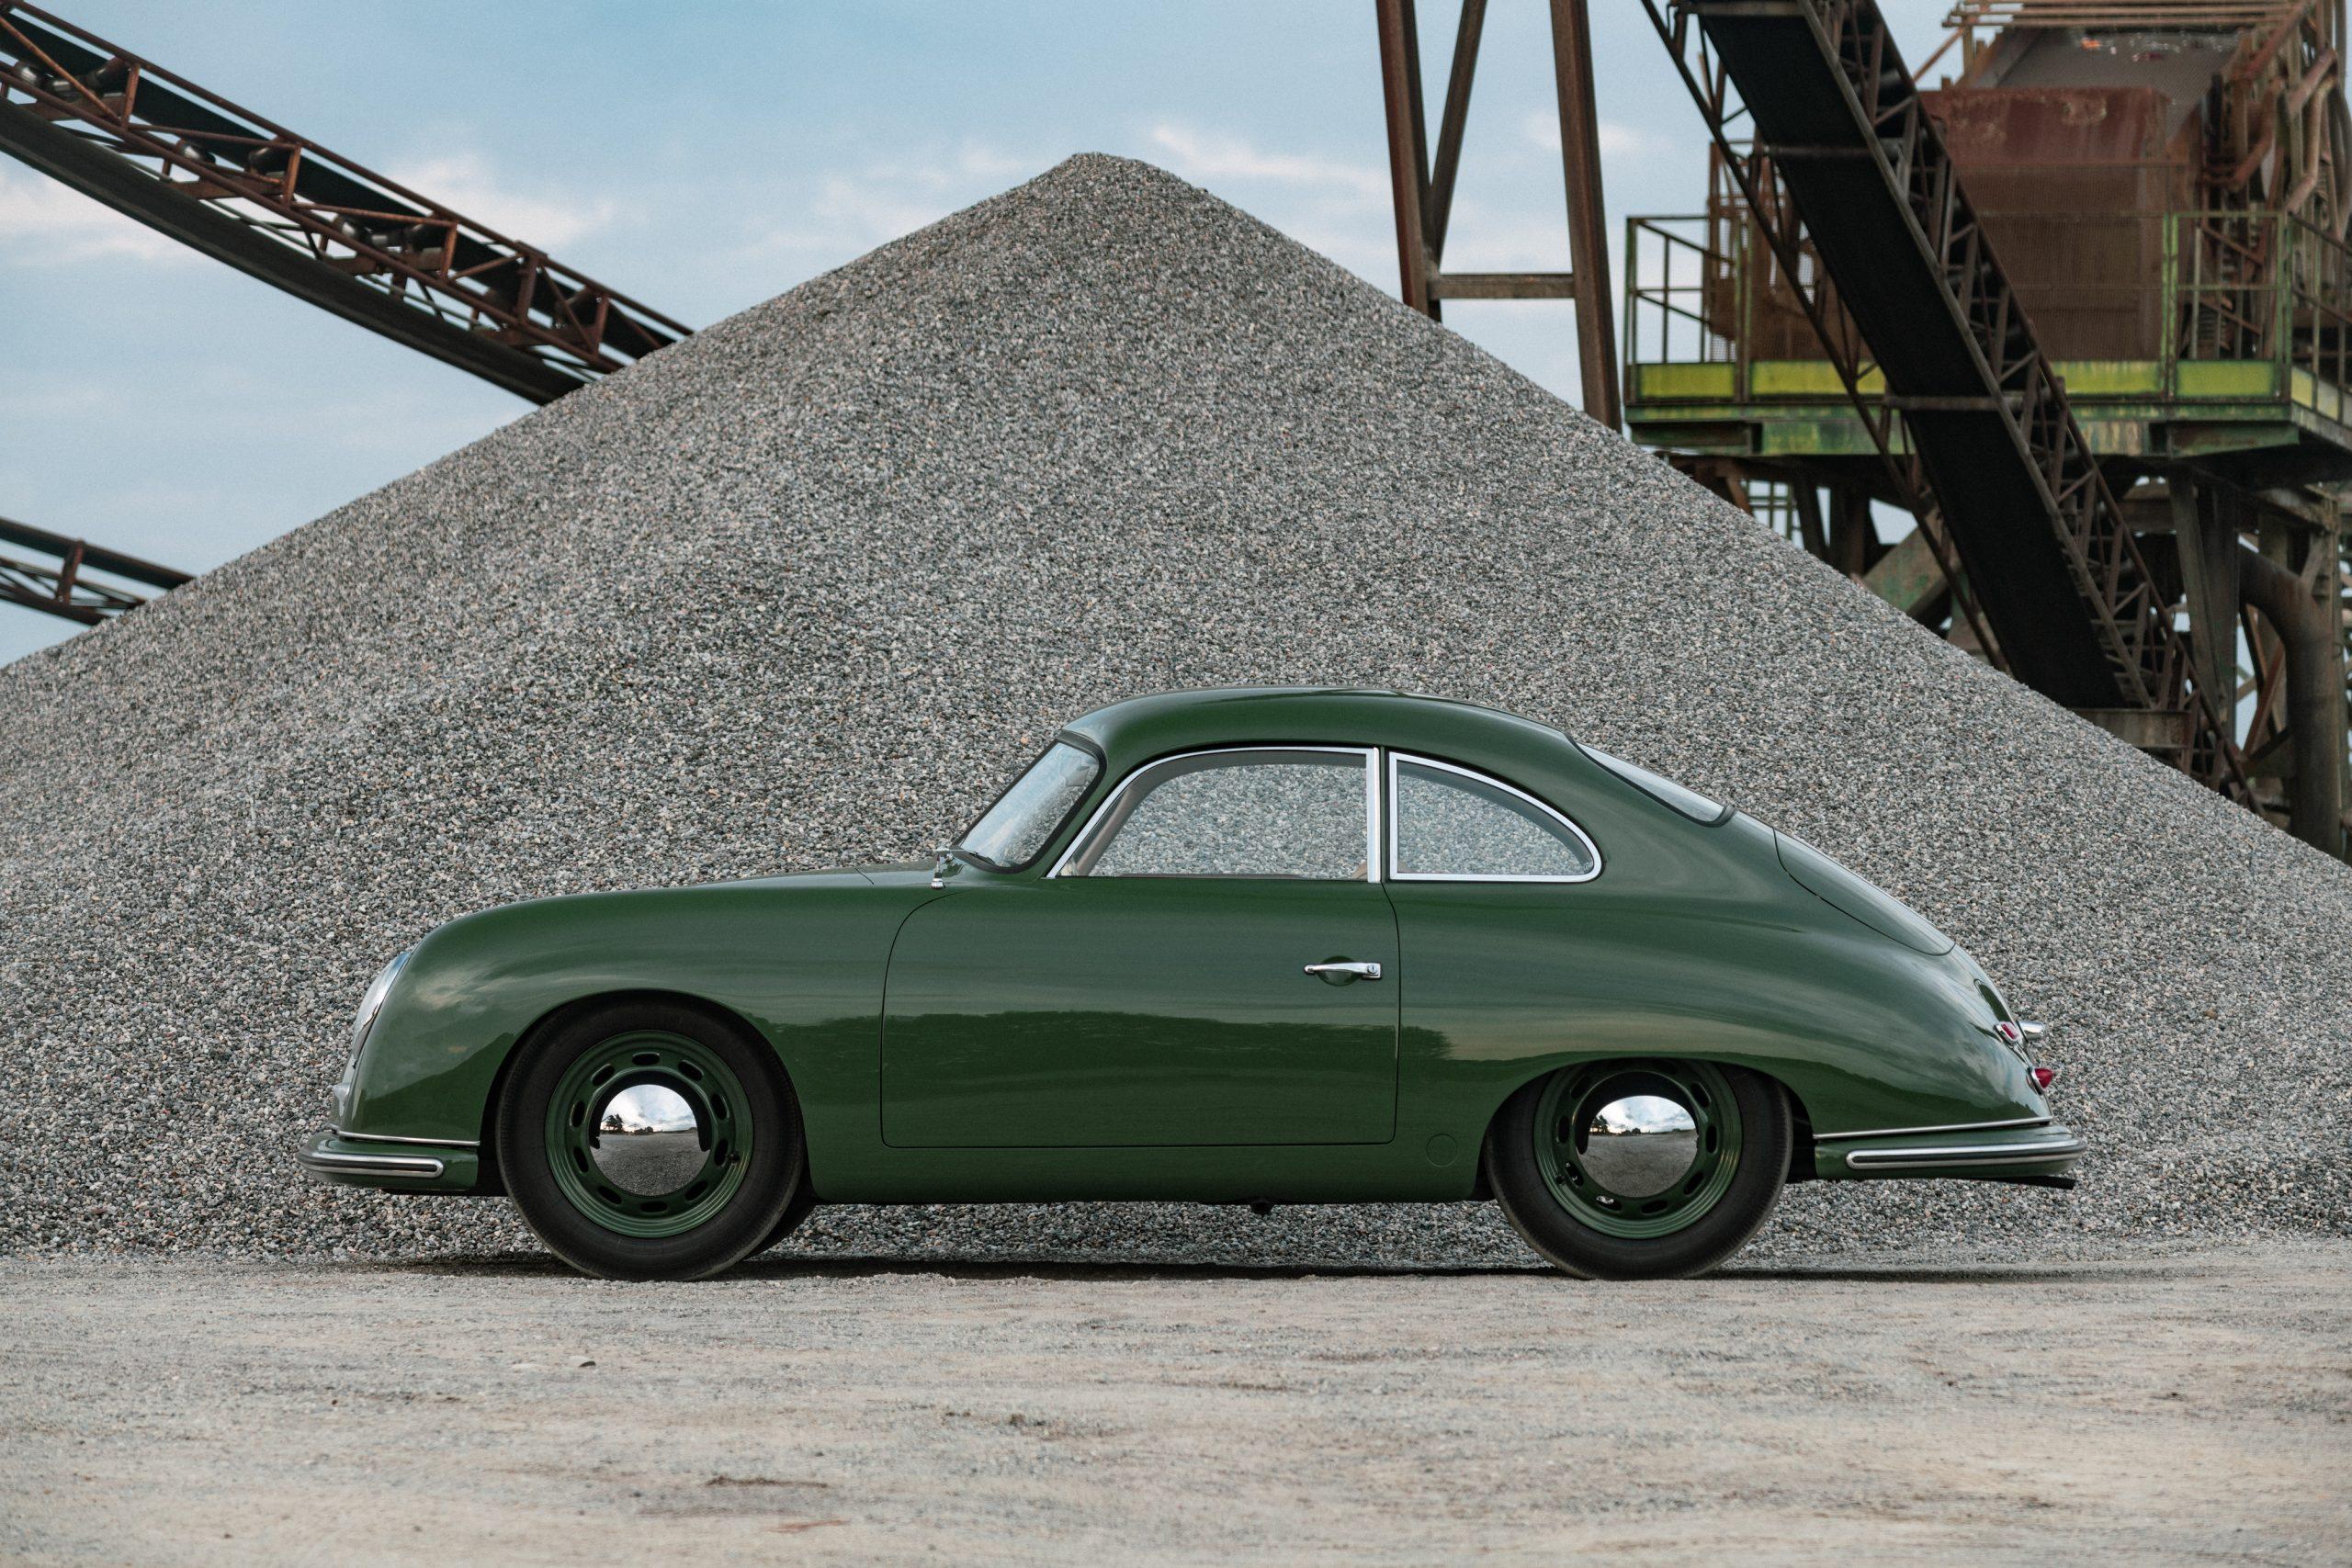 Porsche 356 Coupe Reutter side profile